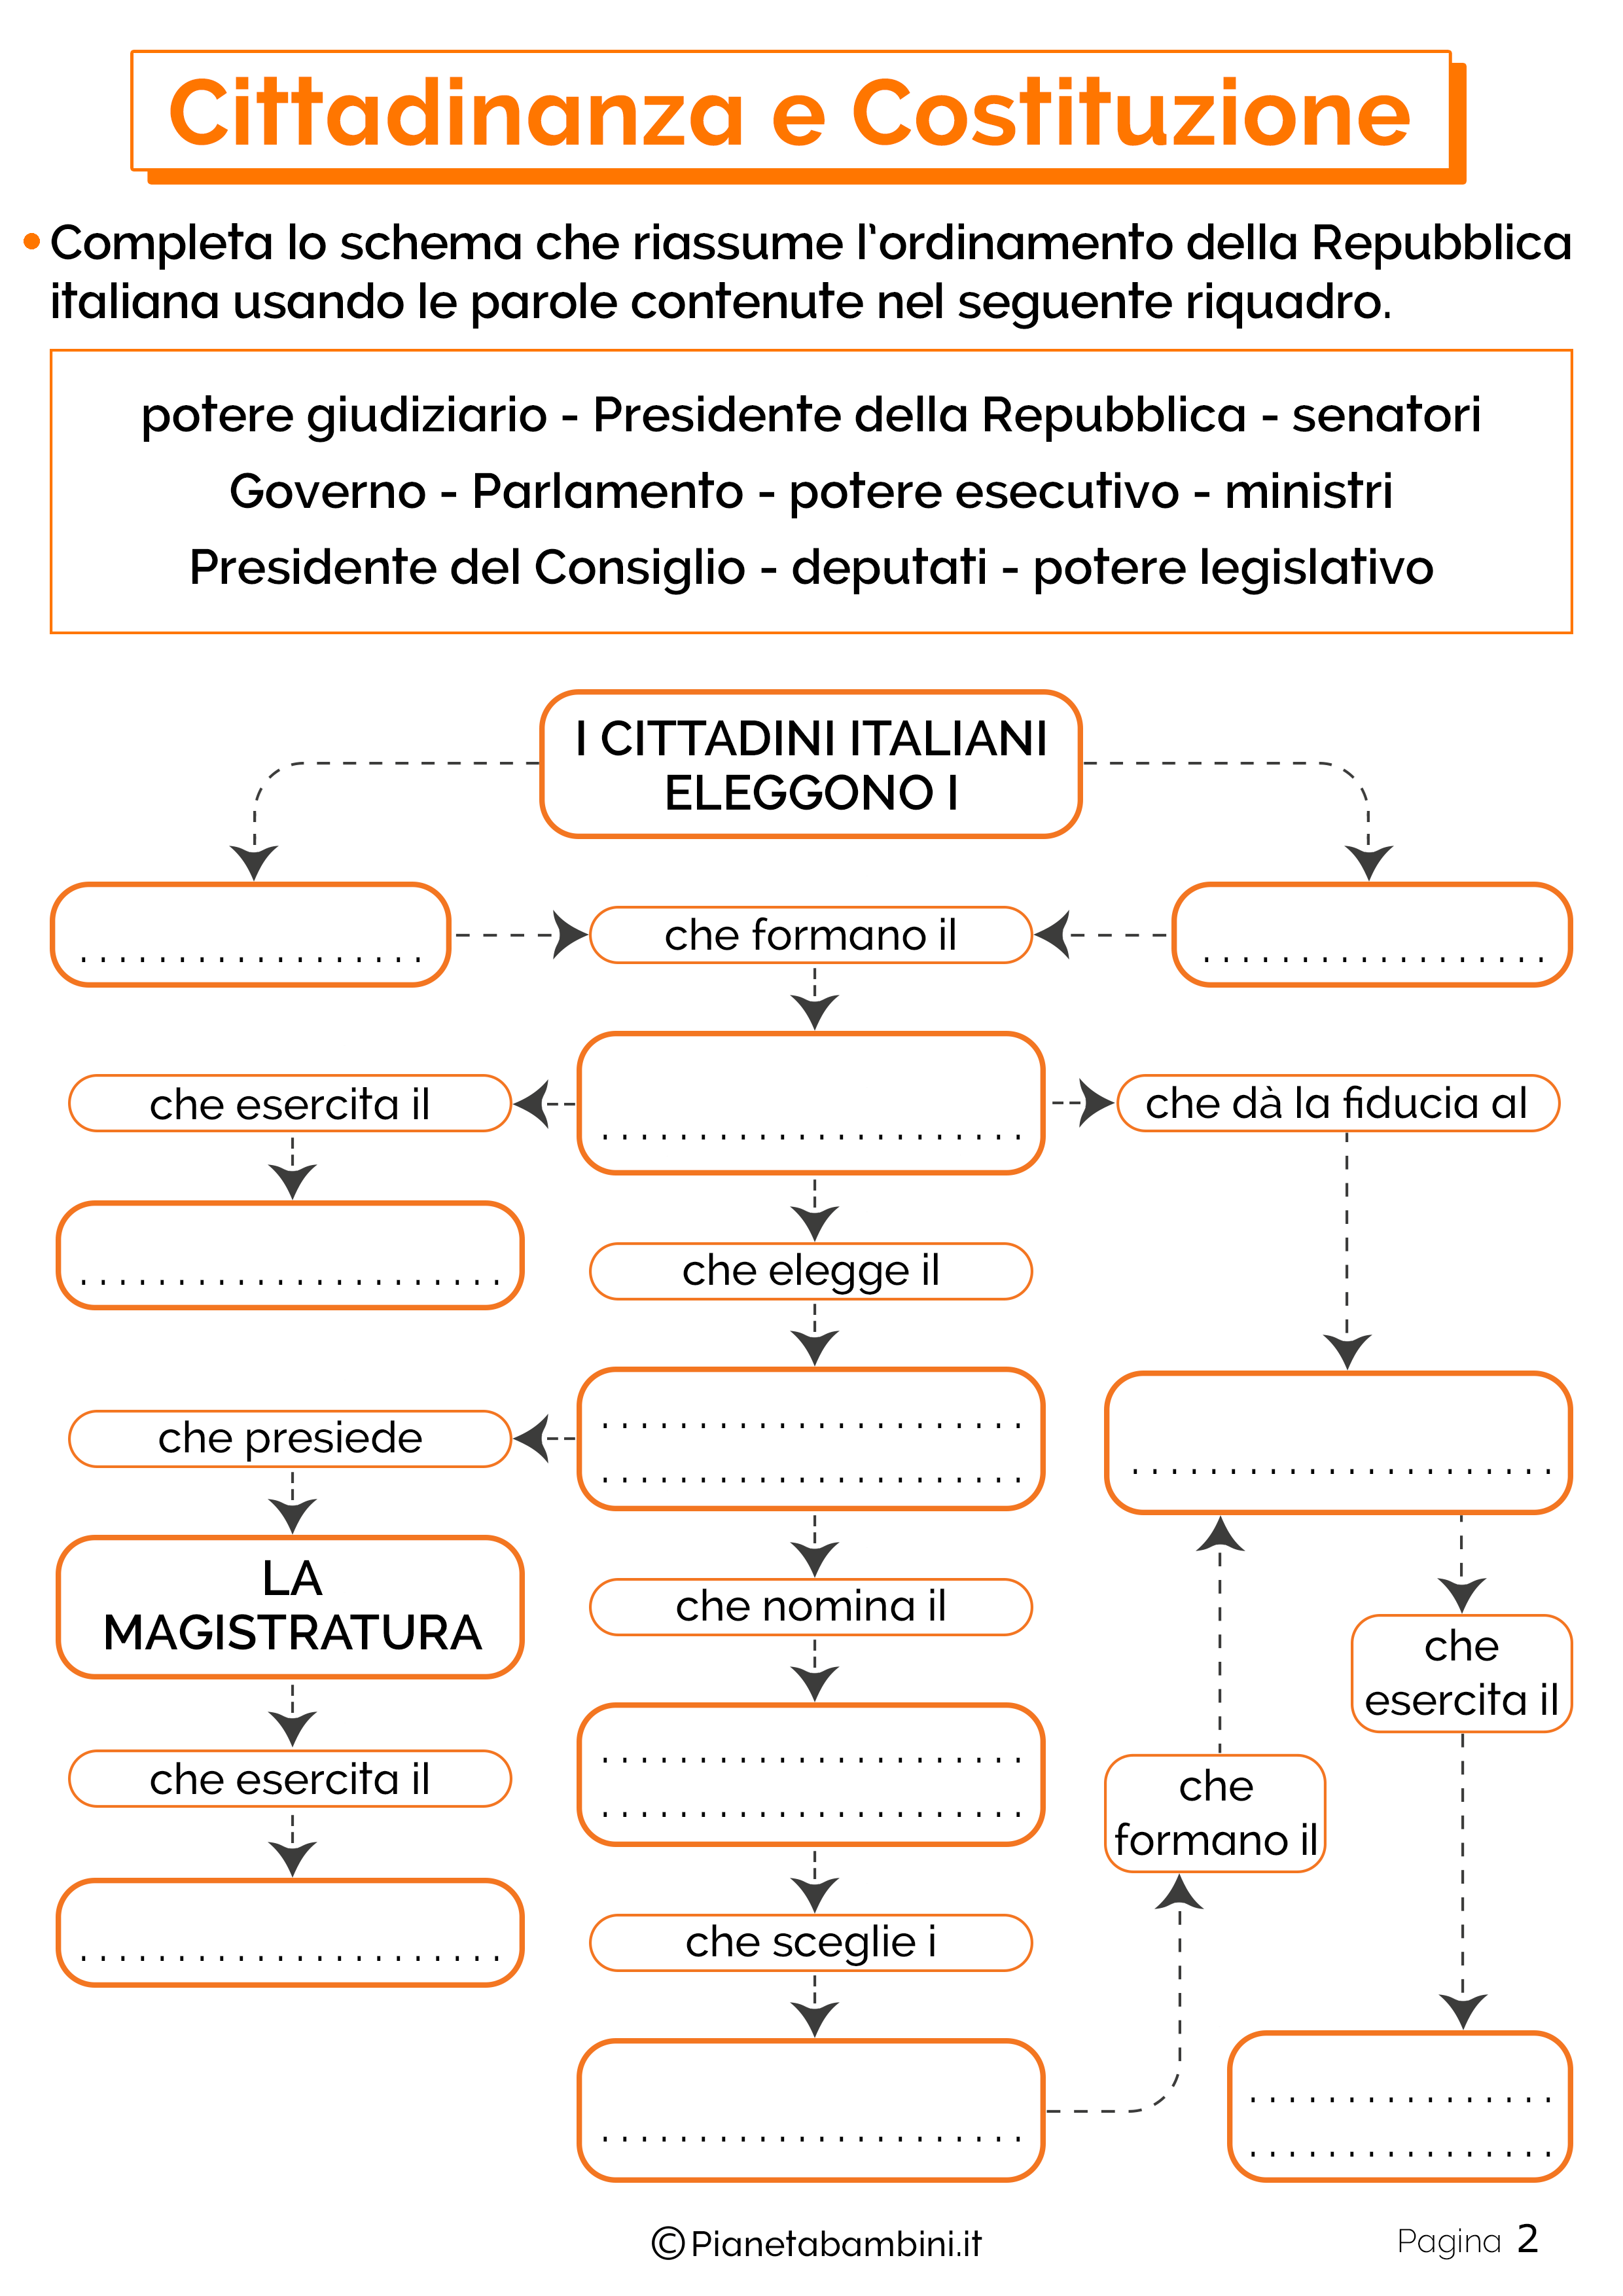 Esercizi su Cittadinanza e Costituzione 2